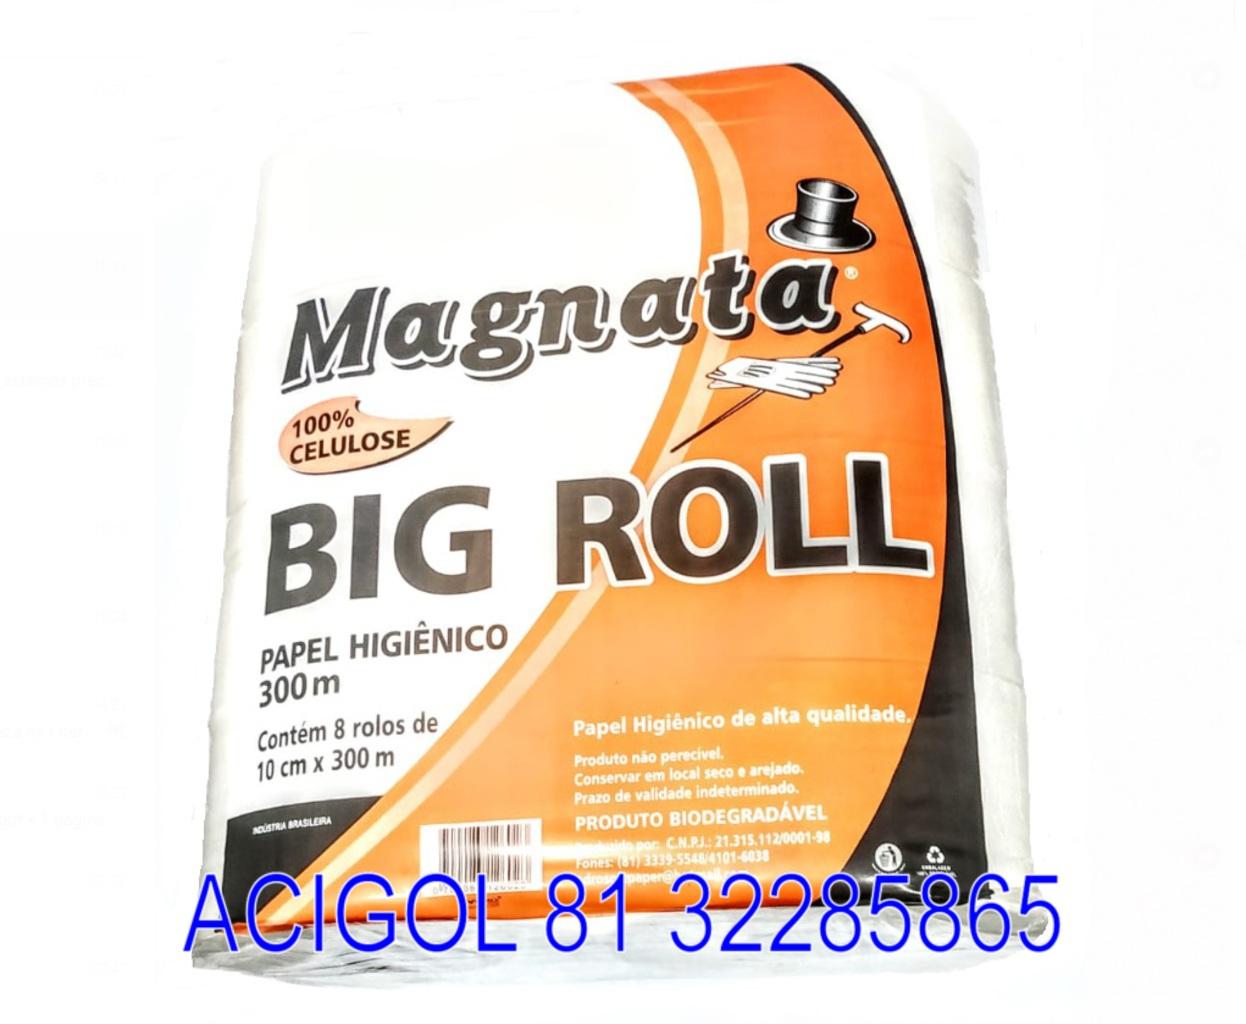 BIG ROLL MAGNATA 8X300M - ACIGOL 81 32285865